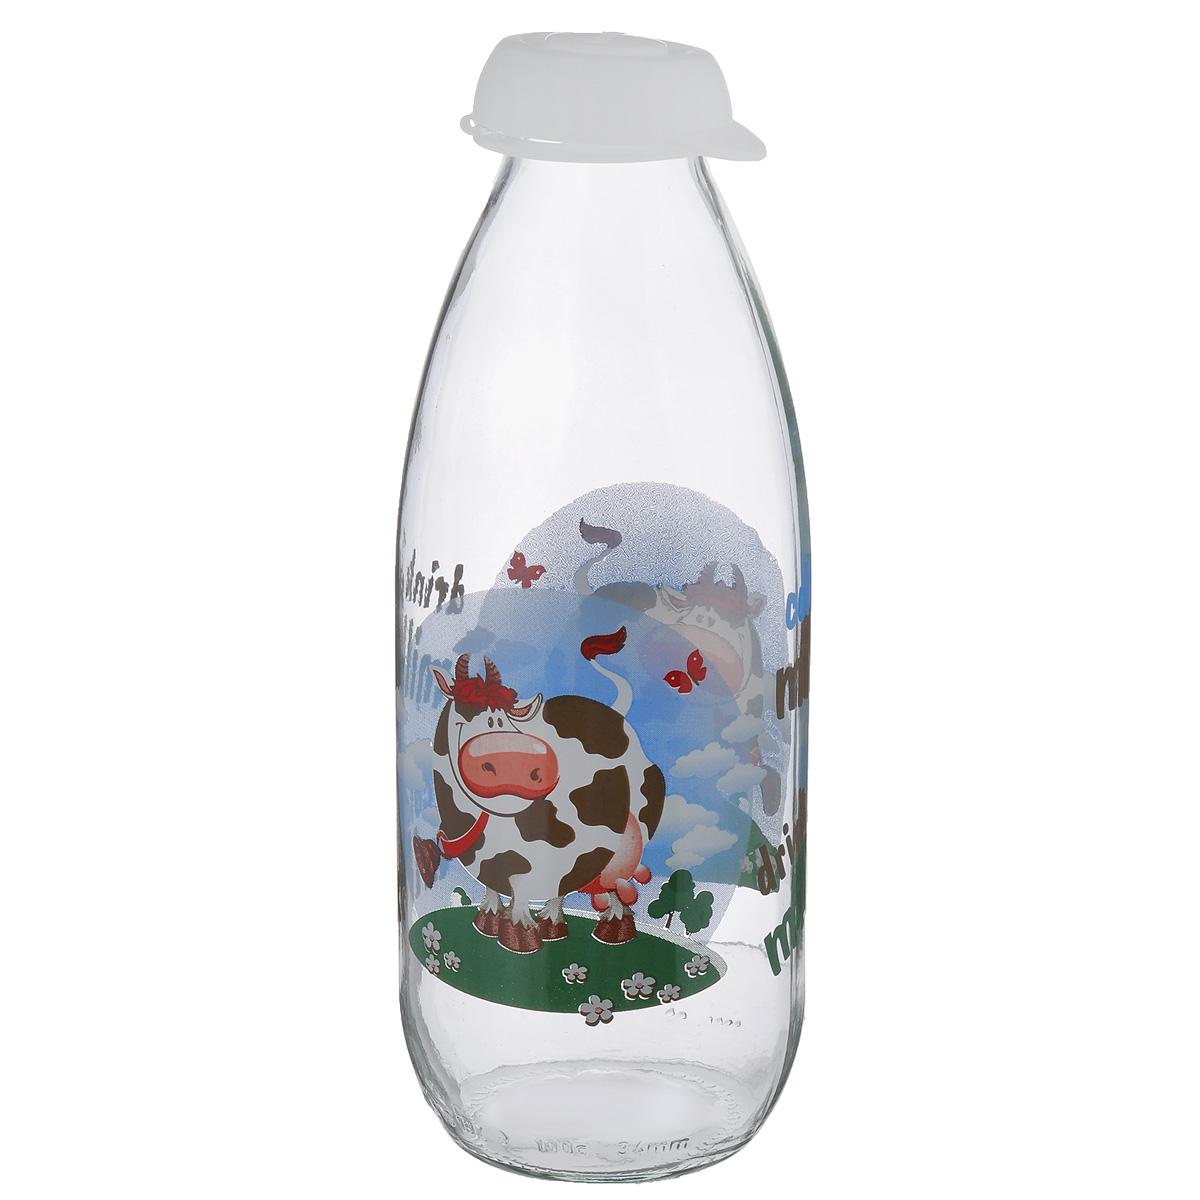 Бутылка для молока Herevin, цвет: прозрачный, белый, 1 л. 111708-000VT-1520(SR)Бутылка Herevin, выполненная из стекла, позволит украсить любую кухню, внеся разнообразие, как в строгий классический стиль, так и в современный кухонный интерьер. Она легка в использовании и оснащена пластиковой откидной крышкой. Благодаря этому внутри сохраняется герметичность, и молоко дольше остается свежим. Стенки бутылки украшены изображением забавной коровы. Оригинальная бутылка для молока будет отлично смотреться на вашей кухне.Диаметр (по верхнему краю): 4 см.Диаметр основания: 7 см.Высота: 23 см.